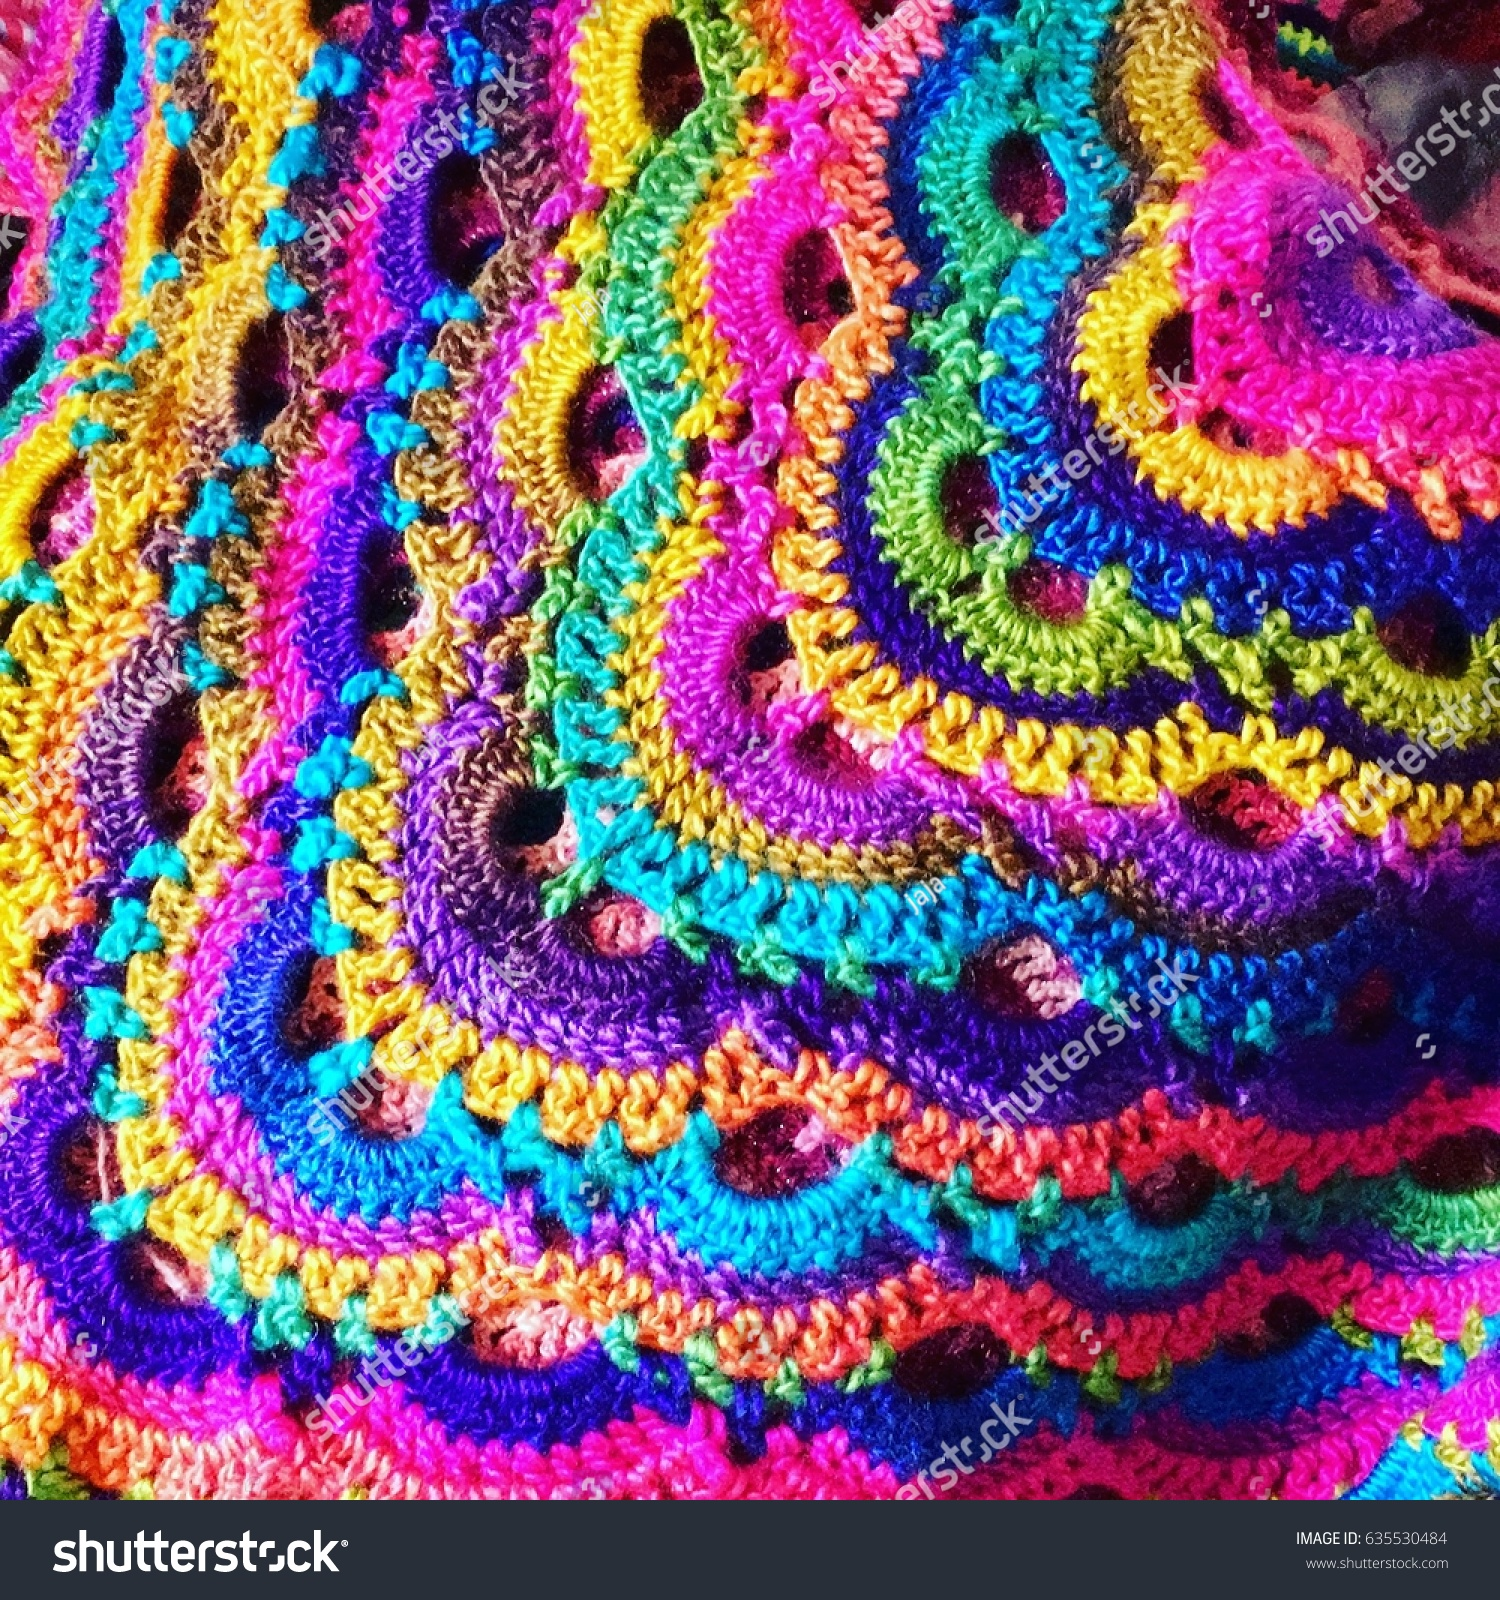 Handmade Crochet Work Virus Shawl Stock Photo Edit Now 635530484